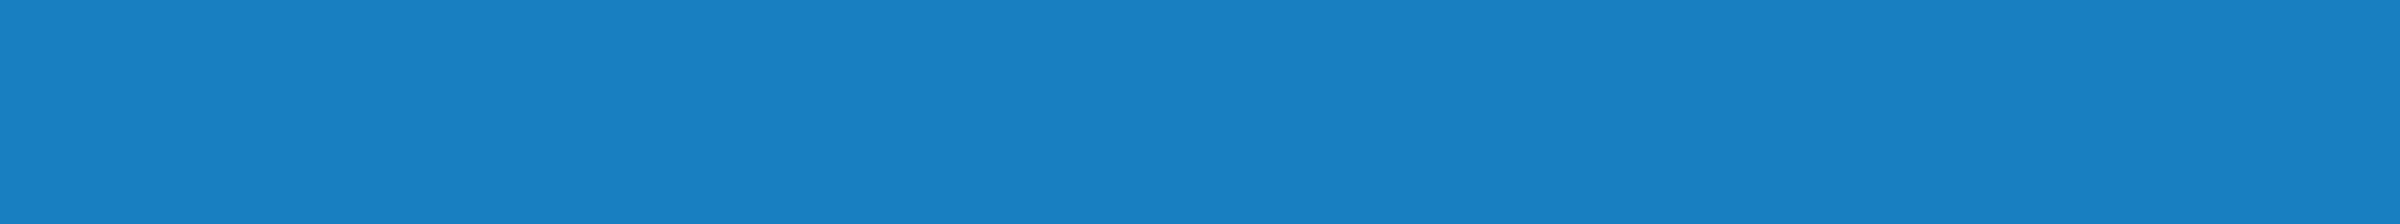 【スコア付きの限定仕様!】交響曲ガールズ&パンツァー コンサート A-on STORE 限定版